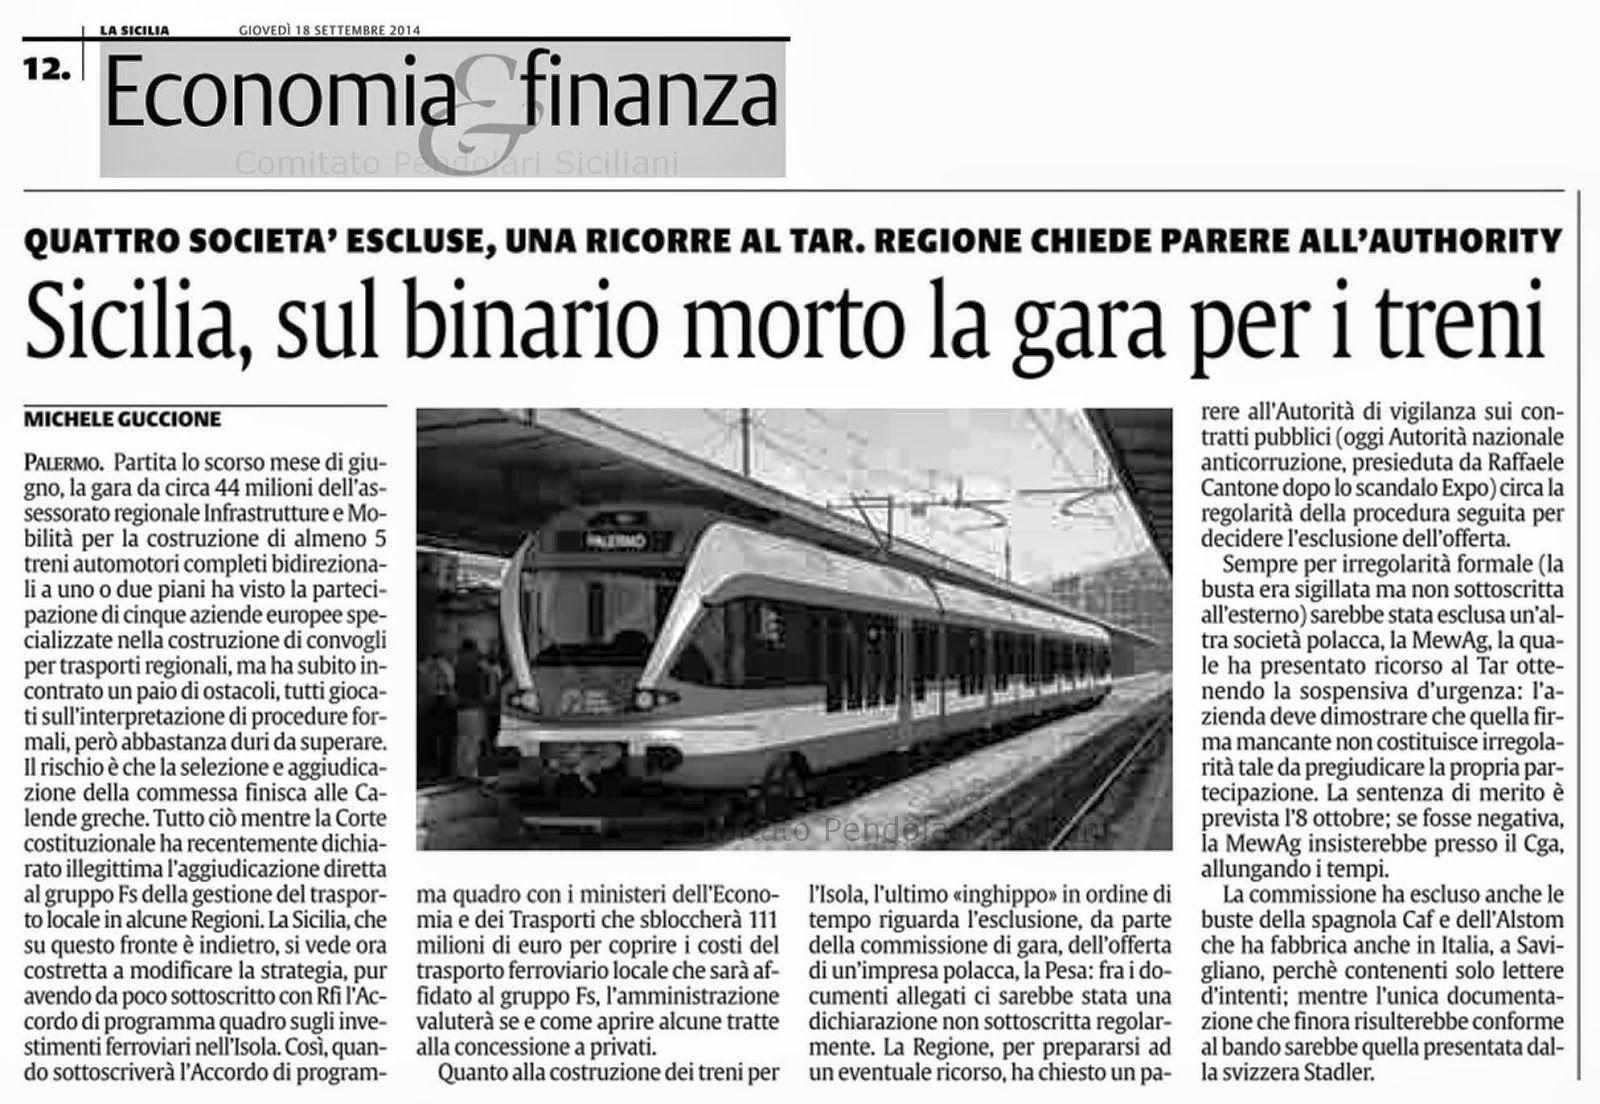 Sicilia Si Blocca L Iter Di Aggiudicazione Della Gara Per L Acquisto Di 5 Treni Sicilia Treno Trasporto Pubblico